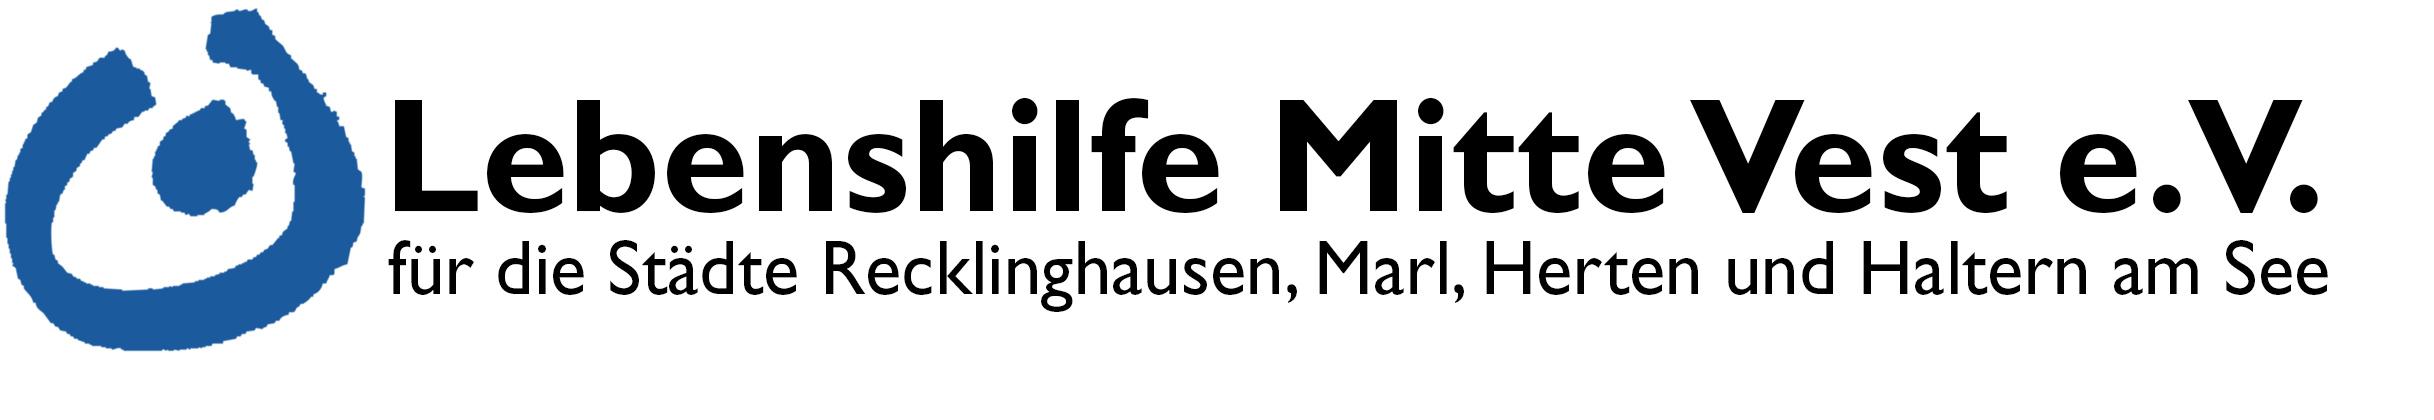 Lebenshilfe Recklinghausen / Herten e.V.